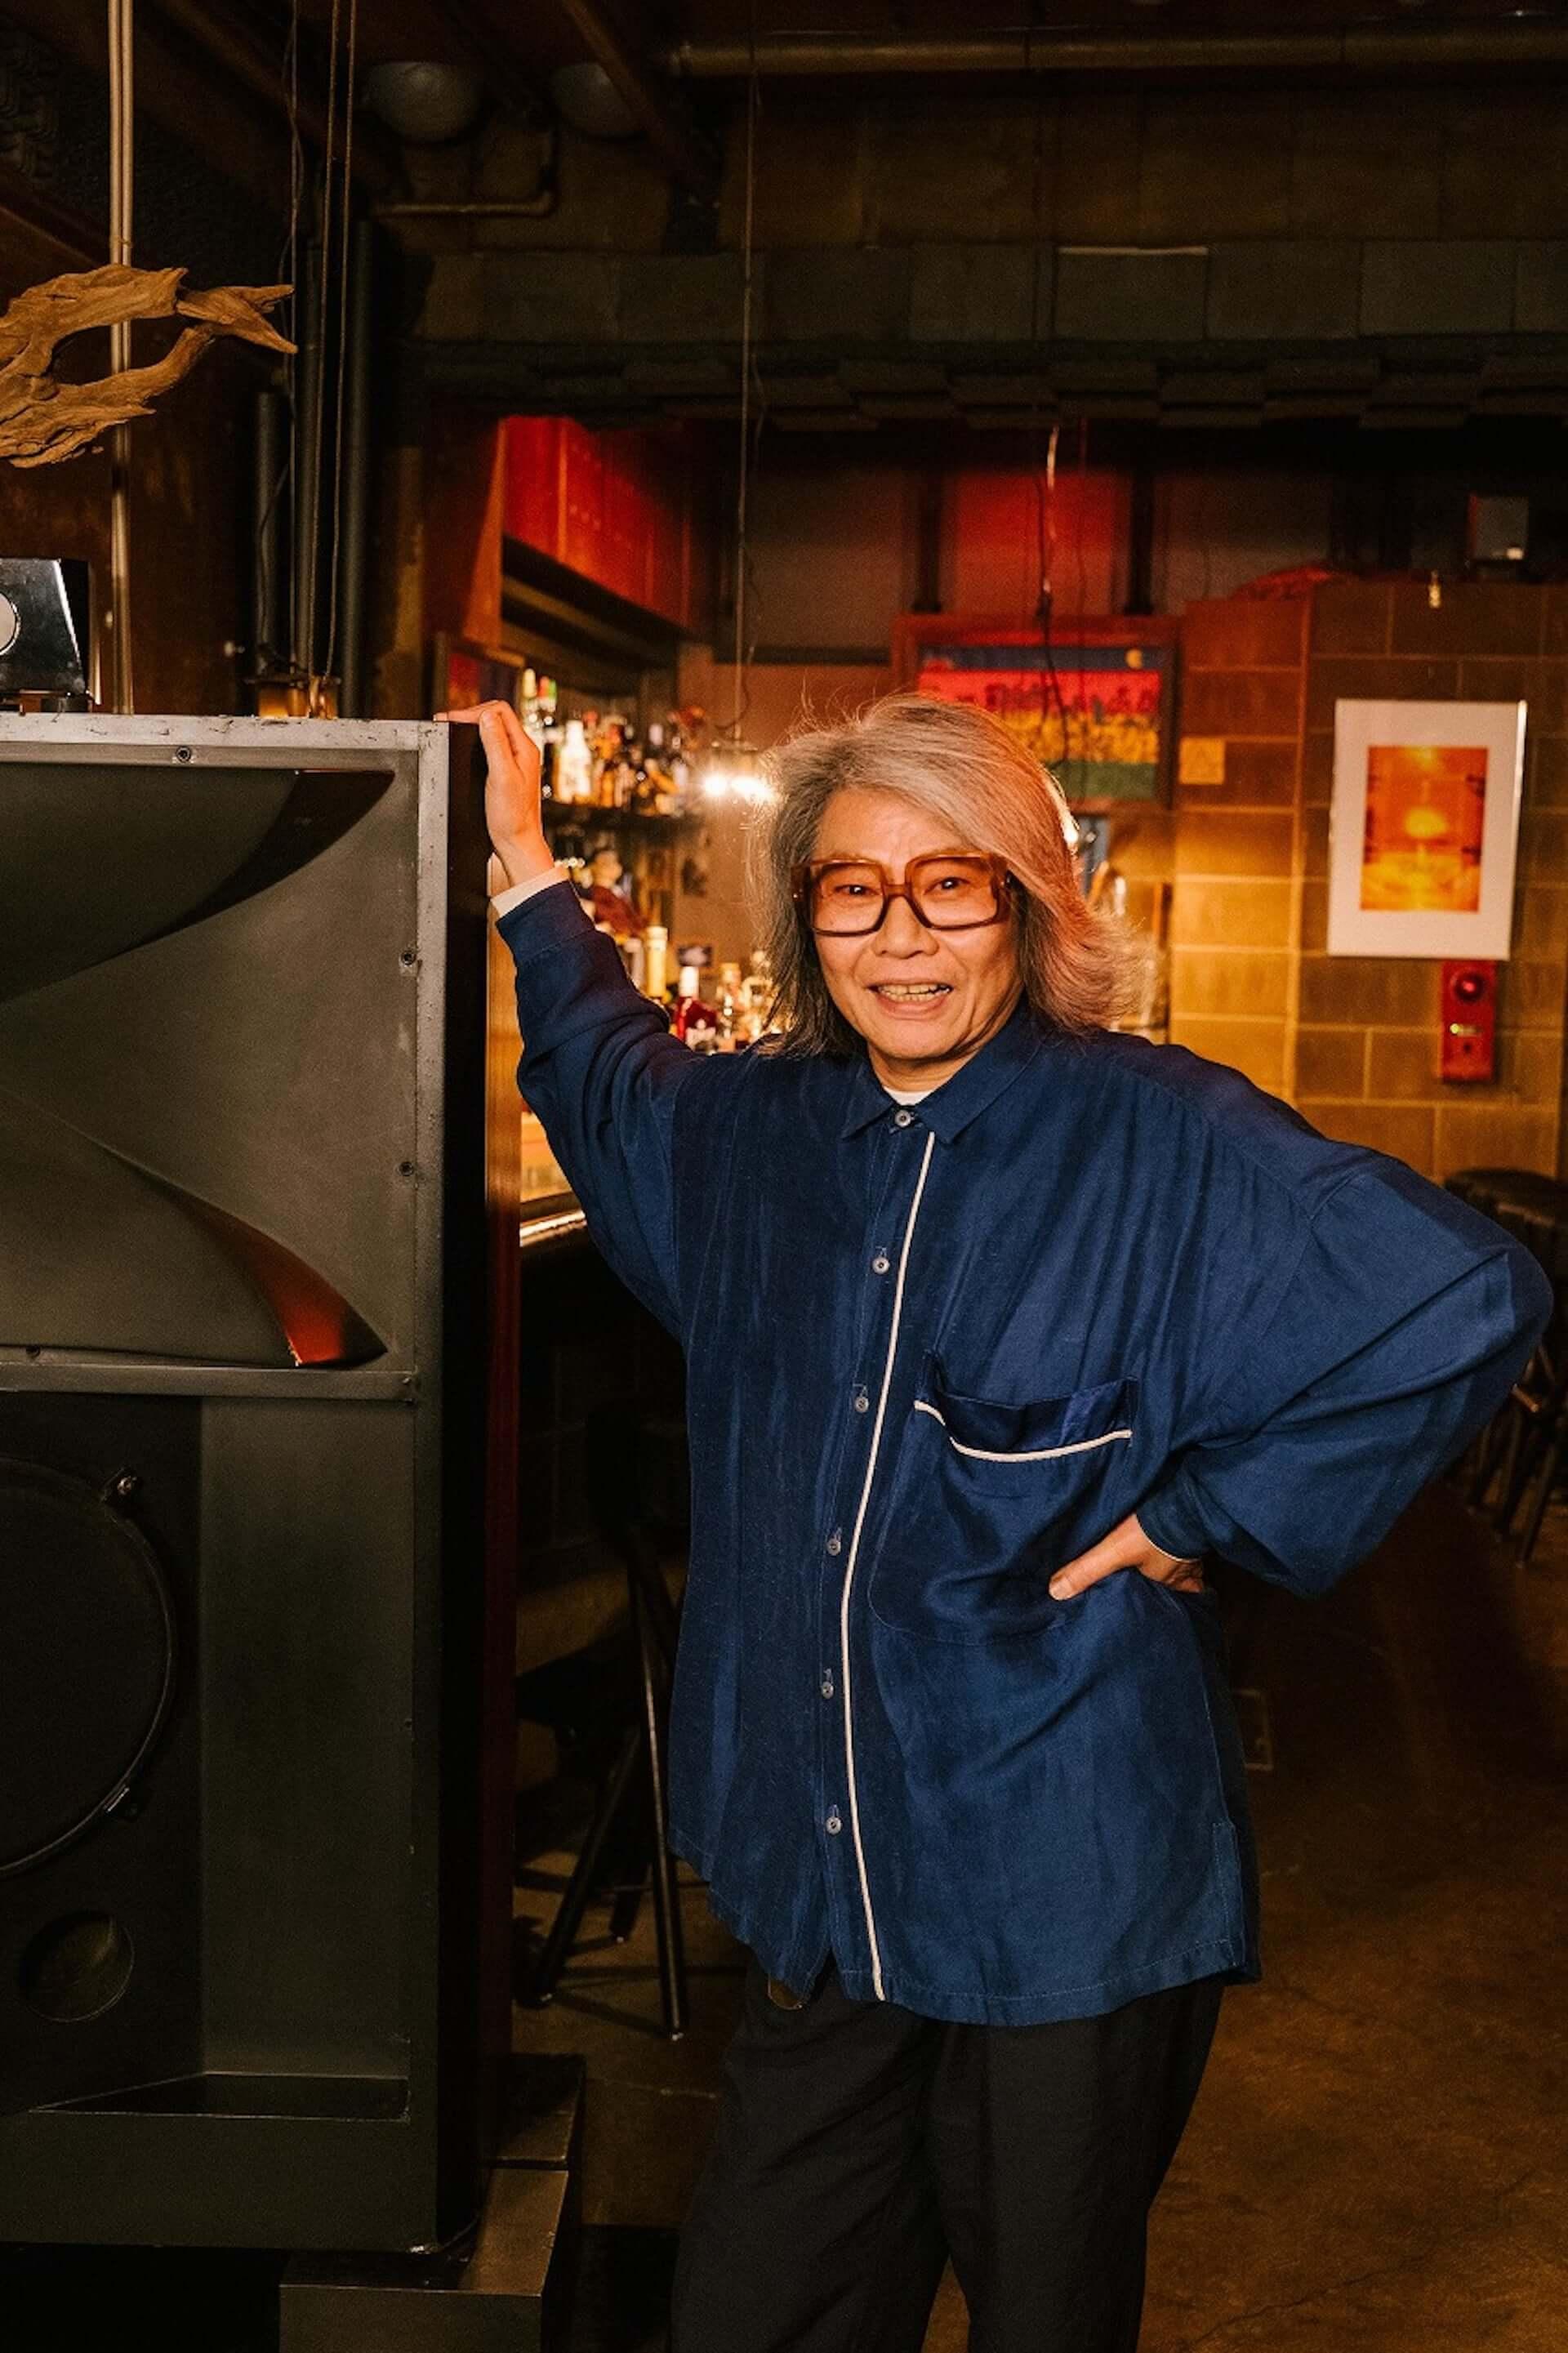 日本のアンダーグラウンド音楽シーンに迫る長編映像シリーズ『In:Depth』が始動!渋谷Lighthouse Records、幡ヶ谷Forestlimitなどが登場 music210304_indepth_2-1920x2881